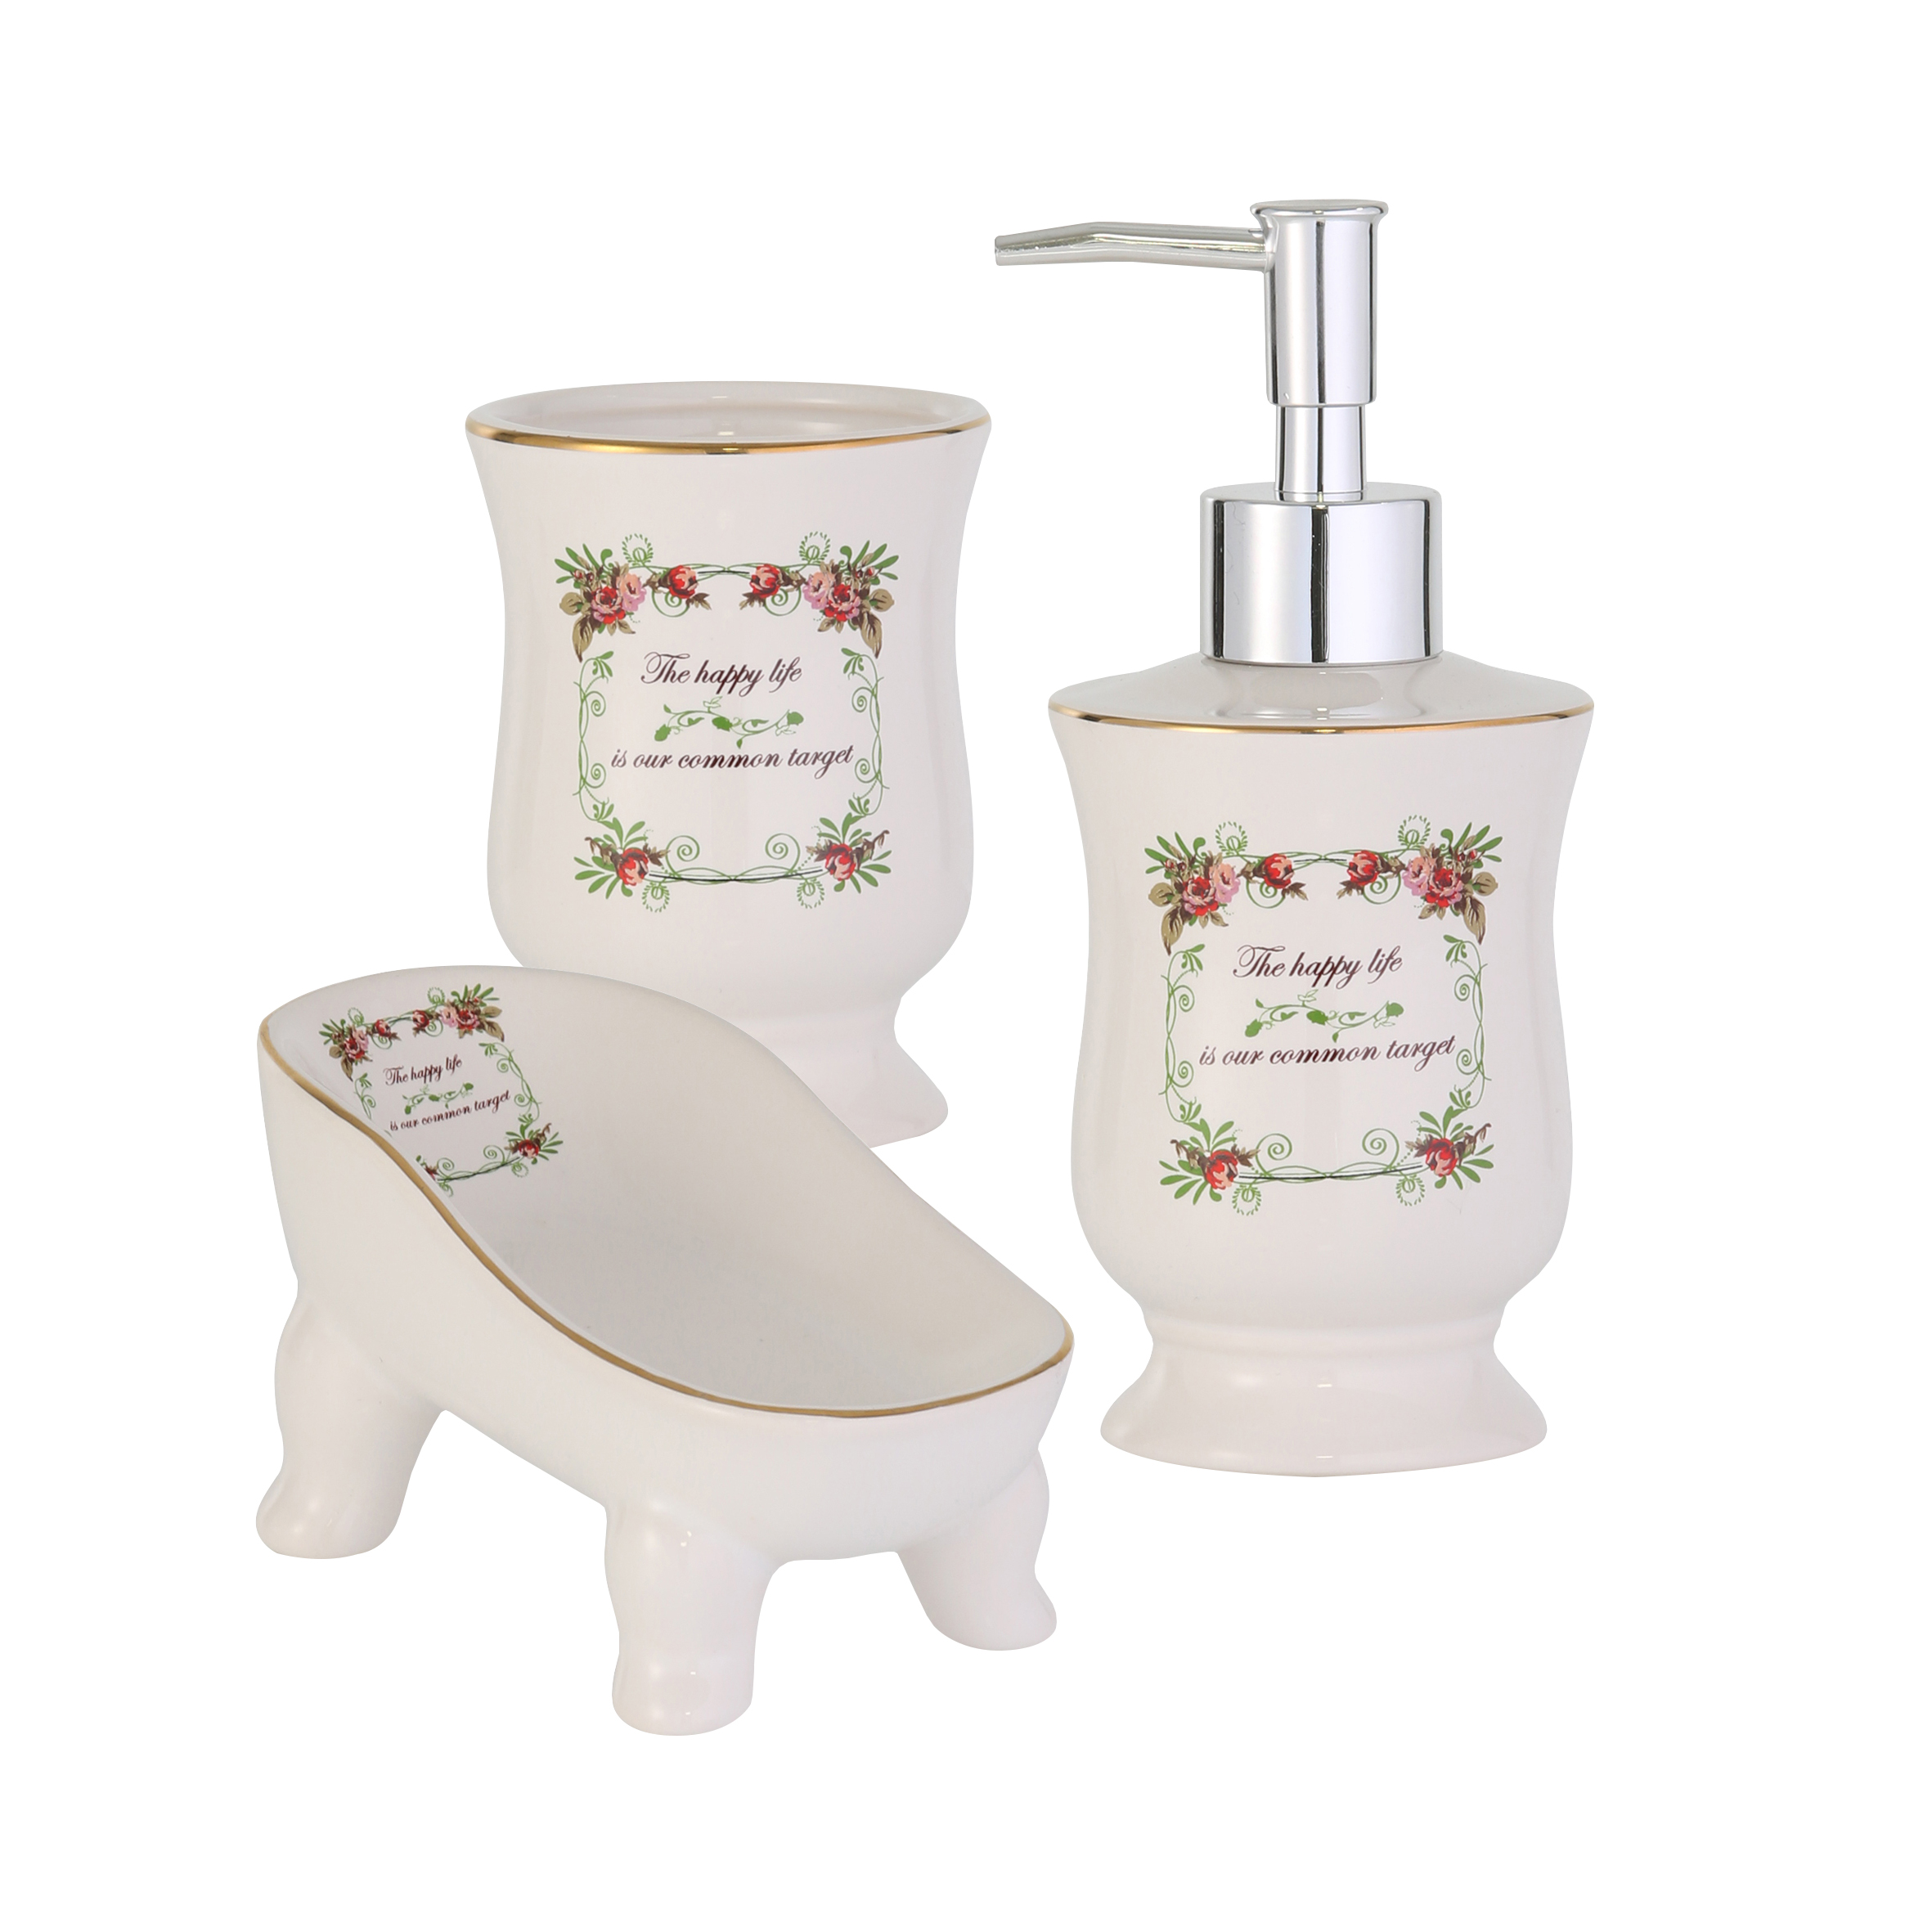 Набор для ванной комнаты Axentia, 3 предмета40366001Набор для ванной комнаты Axentia, выполненный из натуральной и элегантной керамики, состоит из стакана для зубных щеток, дозатора для жидкого мыла и мыльницы. Изделия декорированы оригинальным принтом в стиле Прованс.Аксессуары, входящие в набор Axentia, выполняют не только практическую, но и декоративную функцию. Они способны внести в помещение изысканность, сделать пребывание в нем приятным и даже незабываемым.